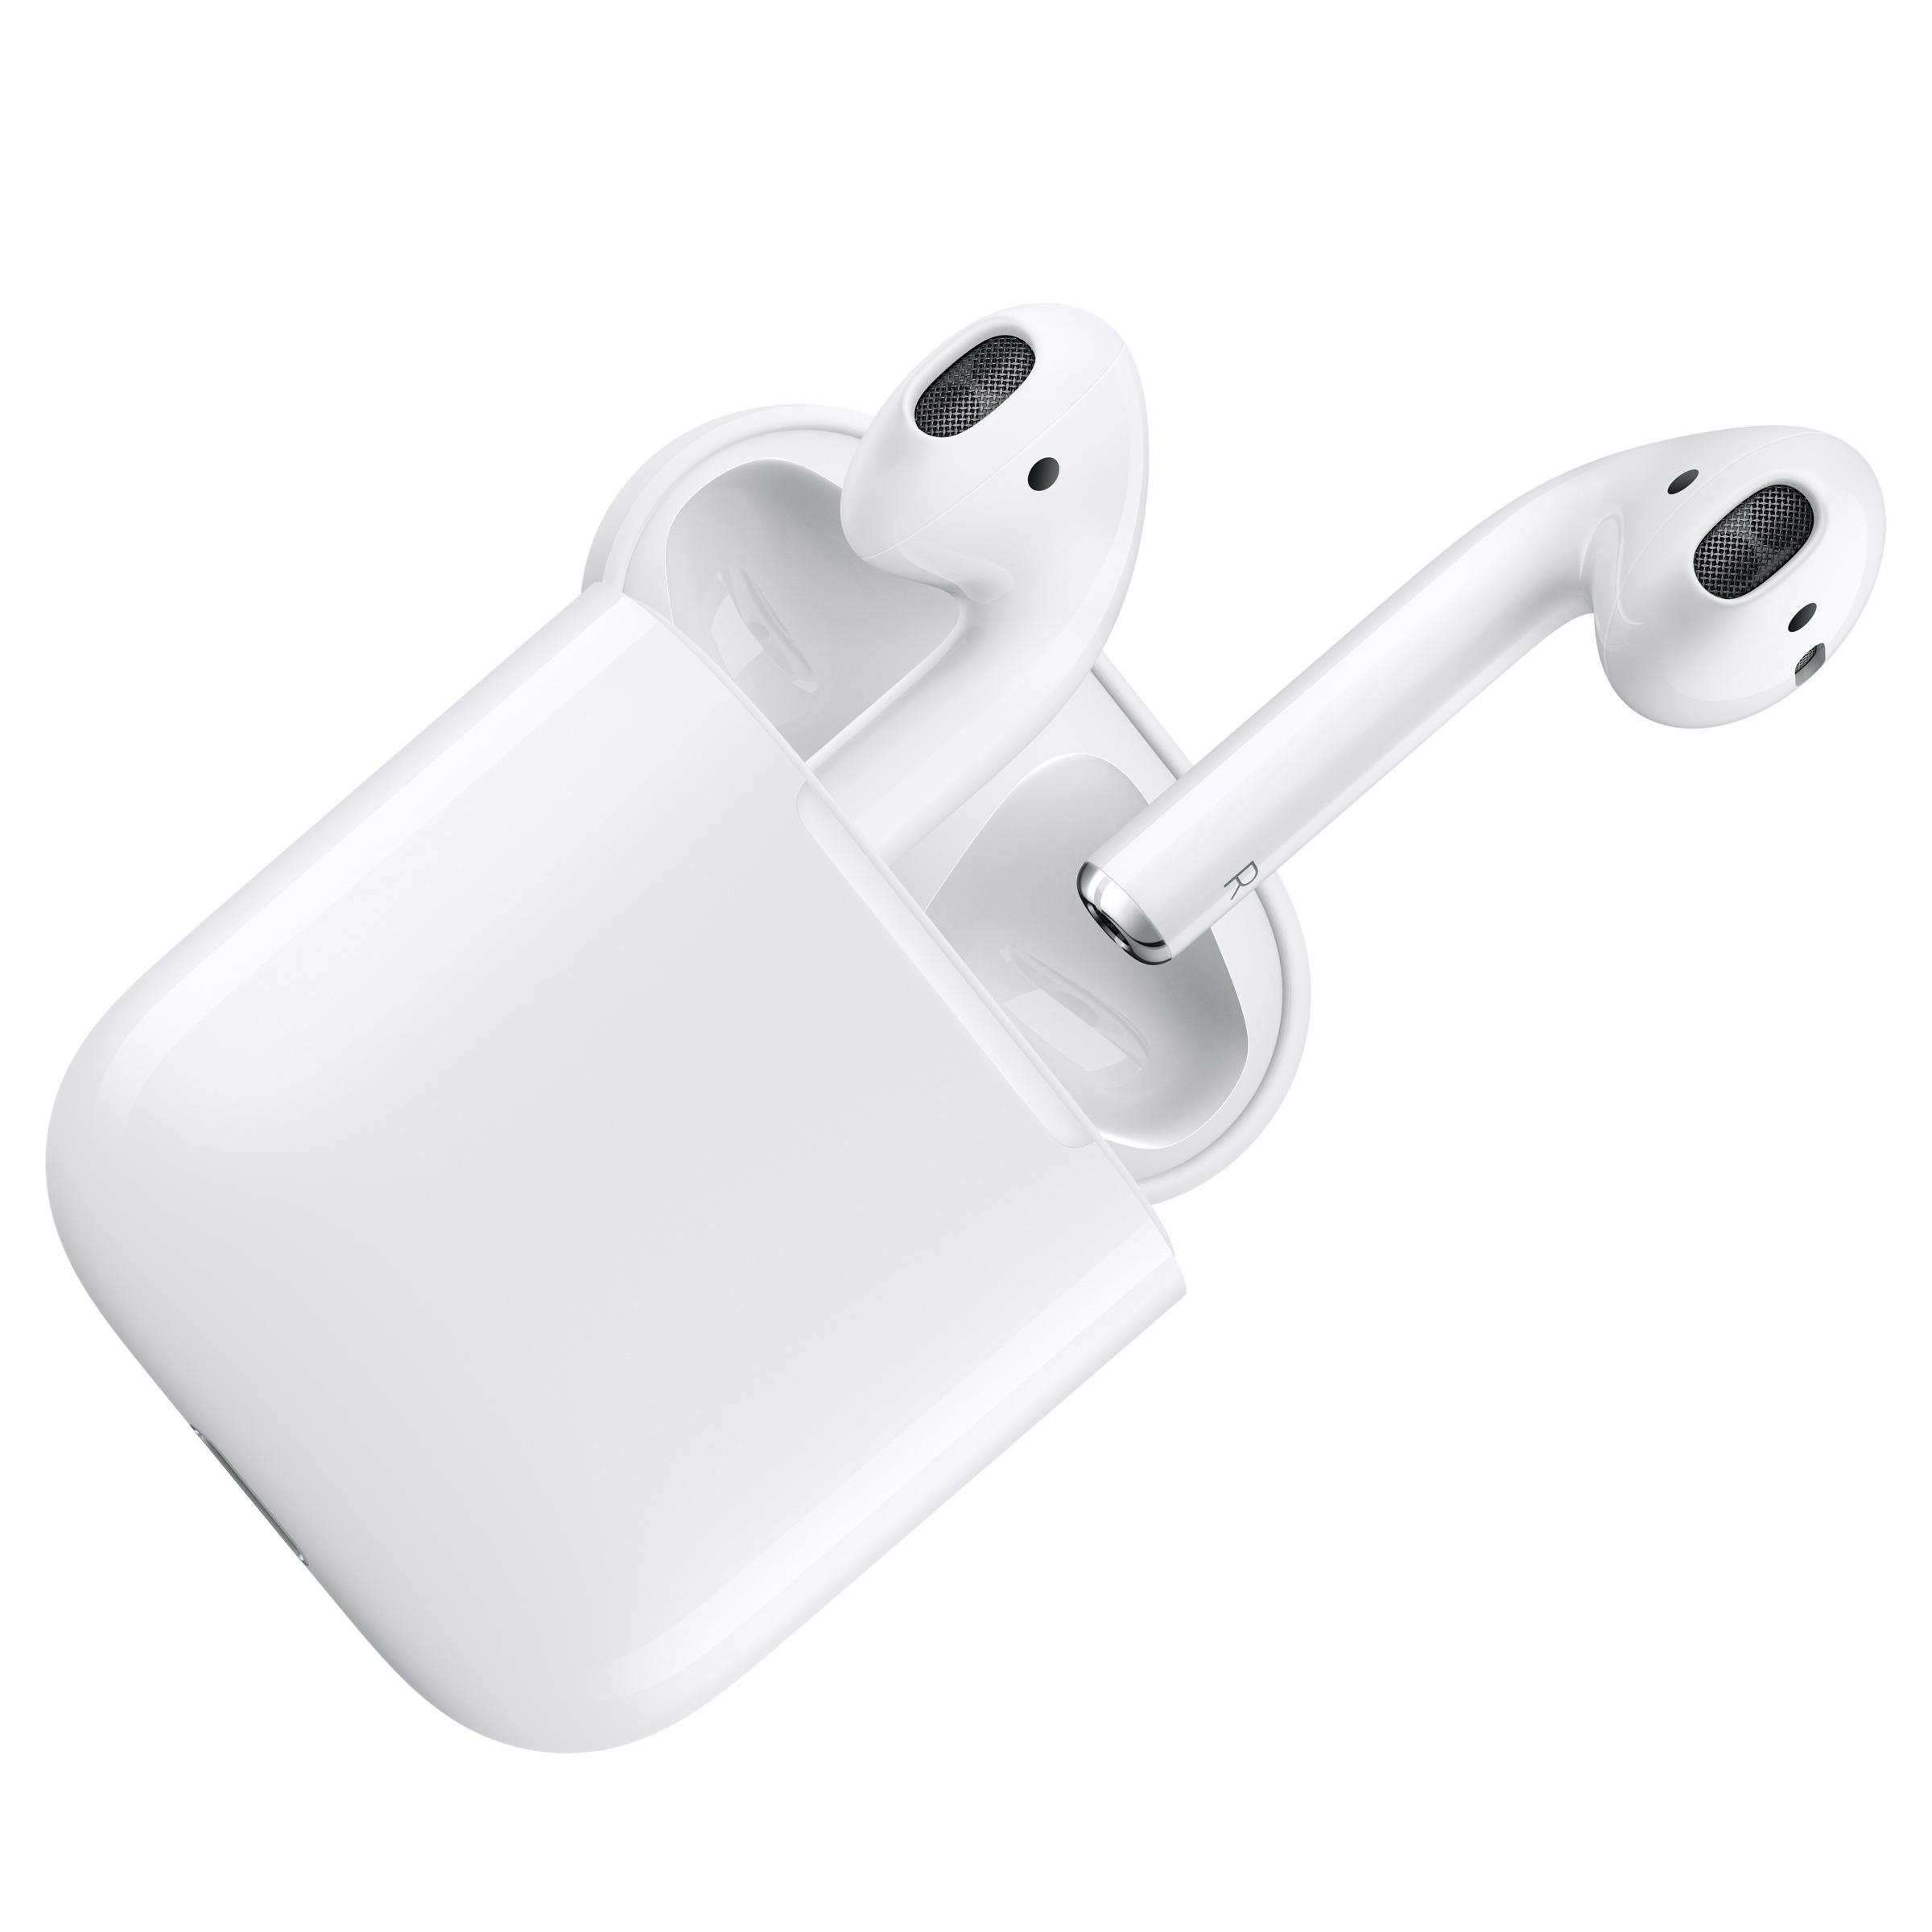 애플, 무선이어폰 에어팟 발표